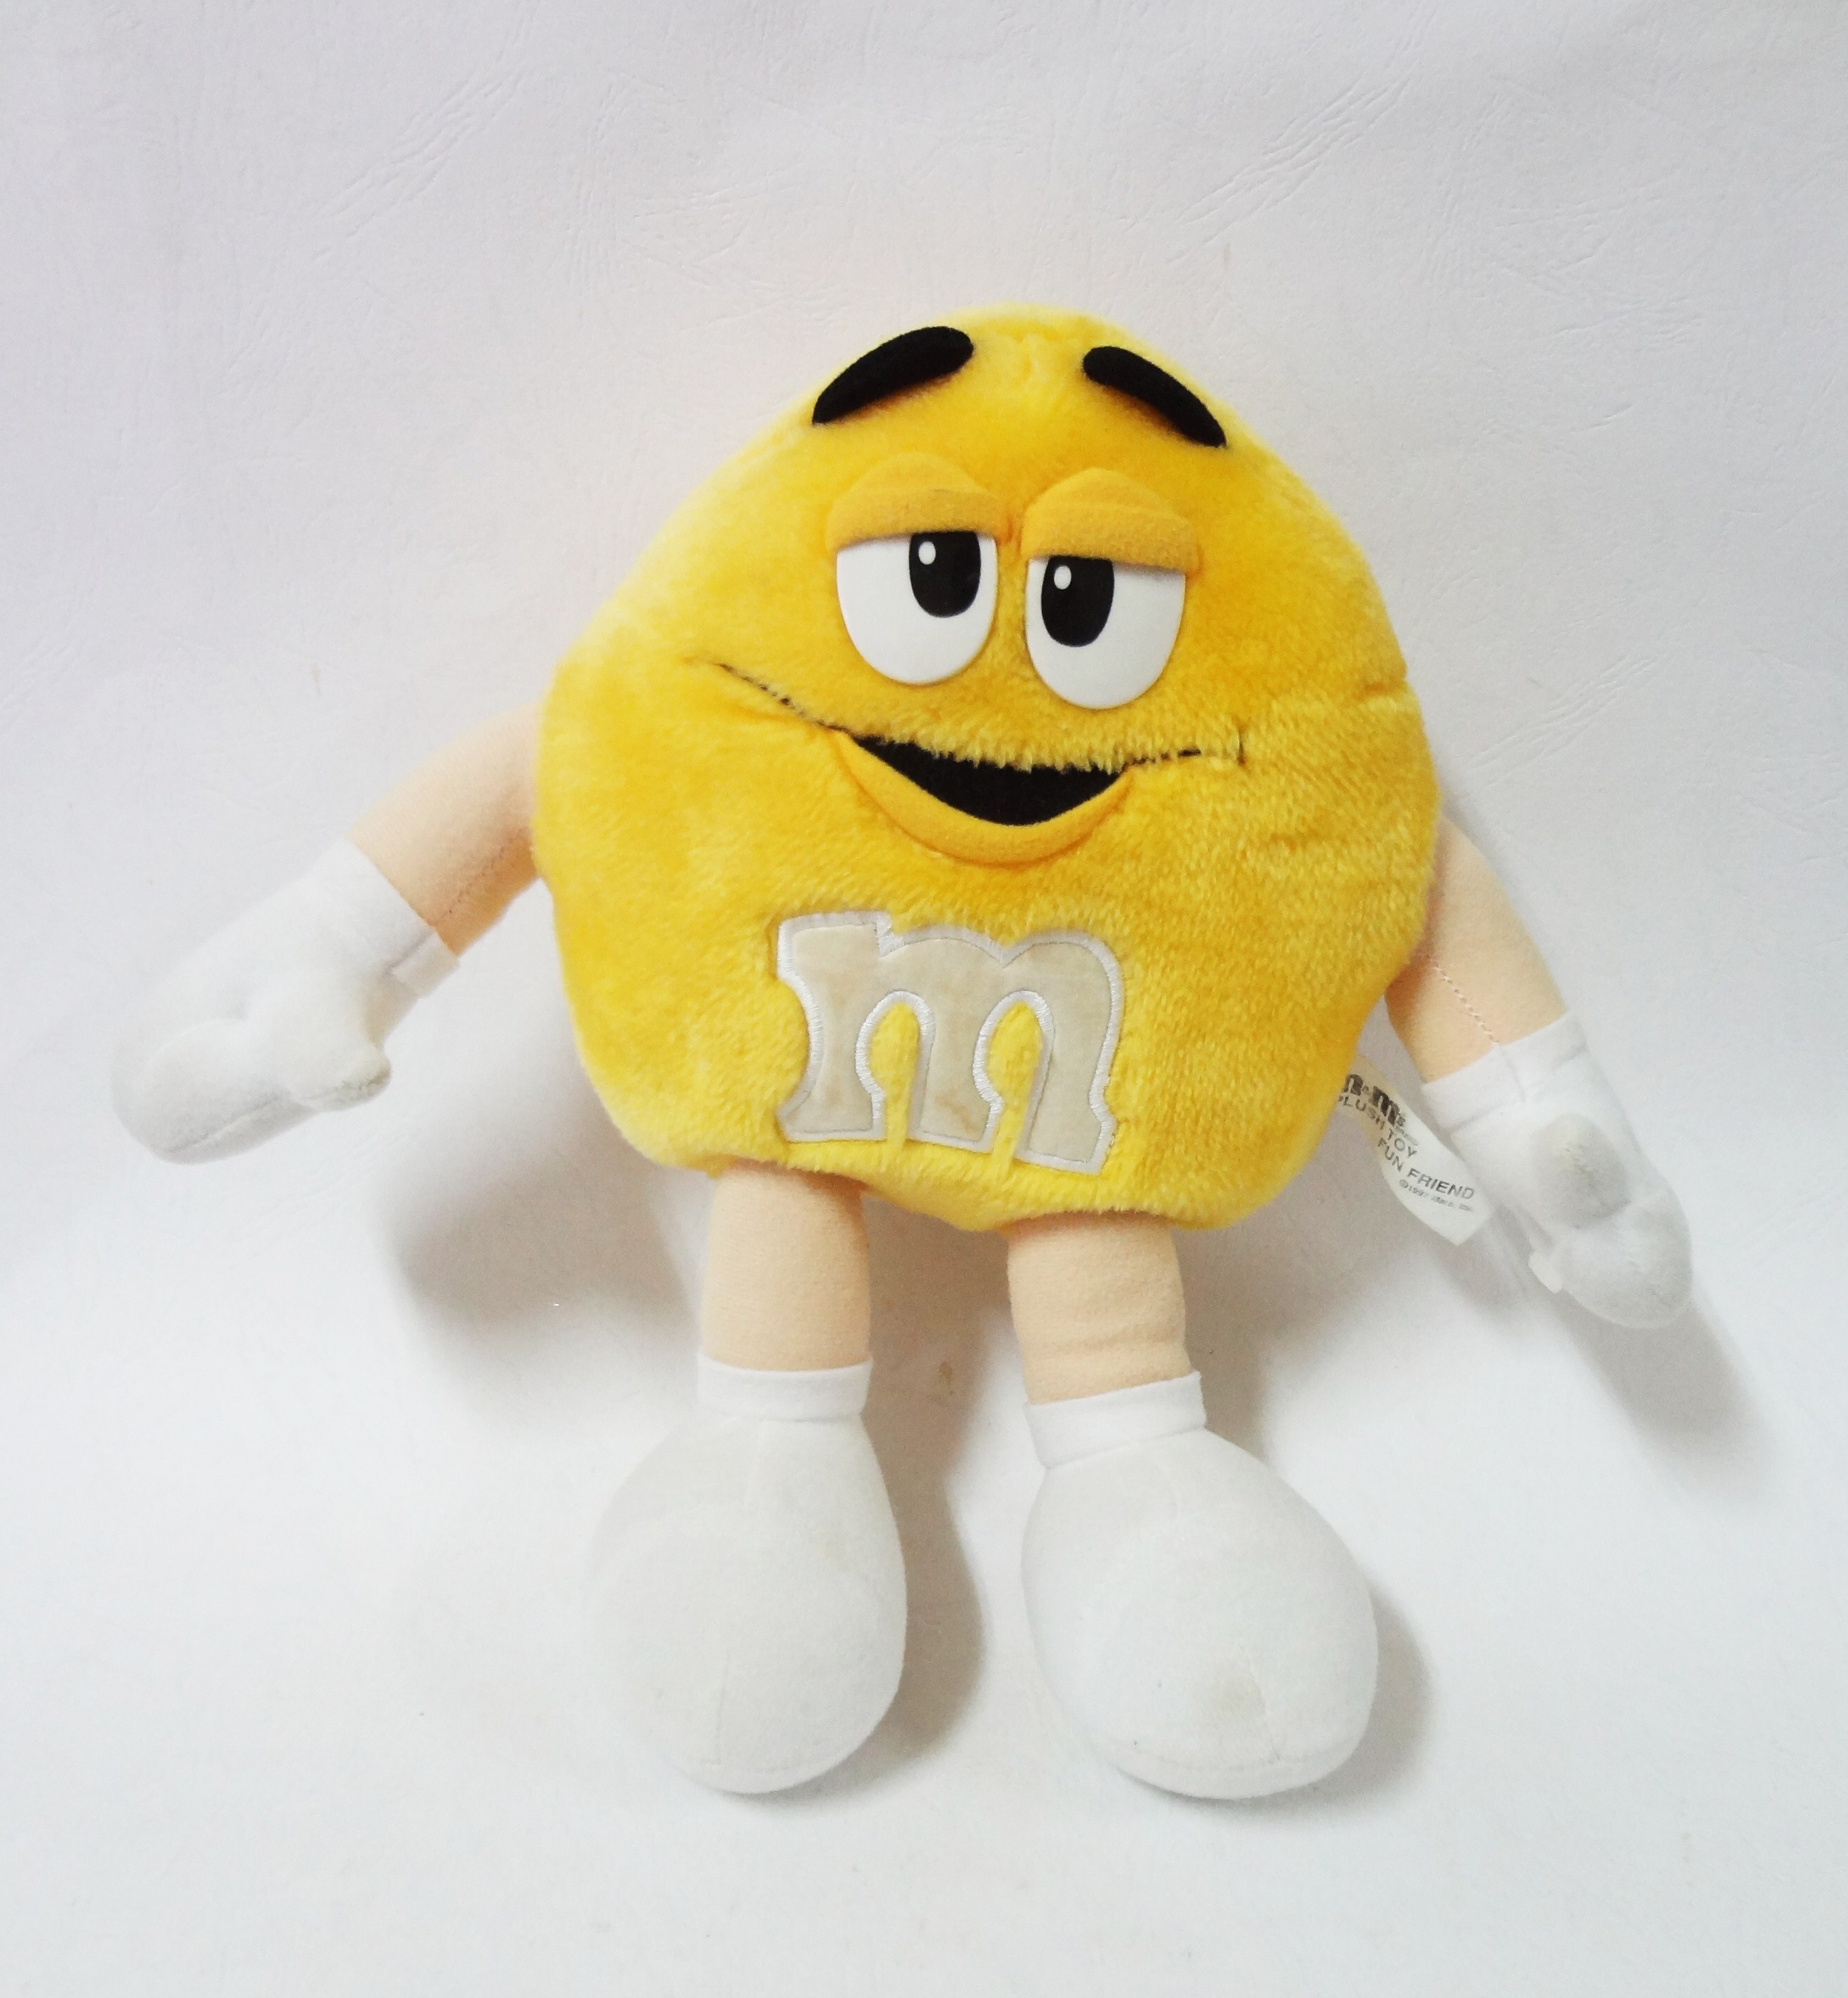 ตุ๊กตา m&m สีเหลือง